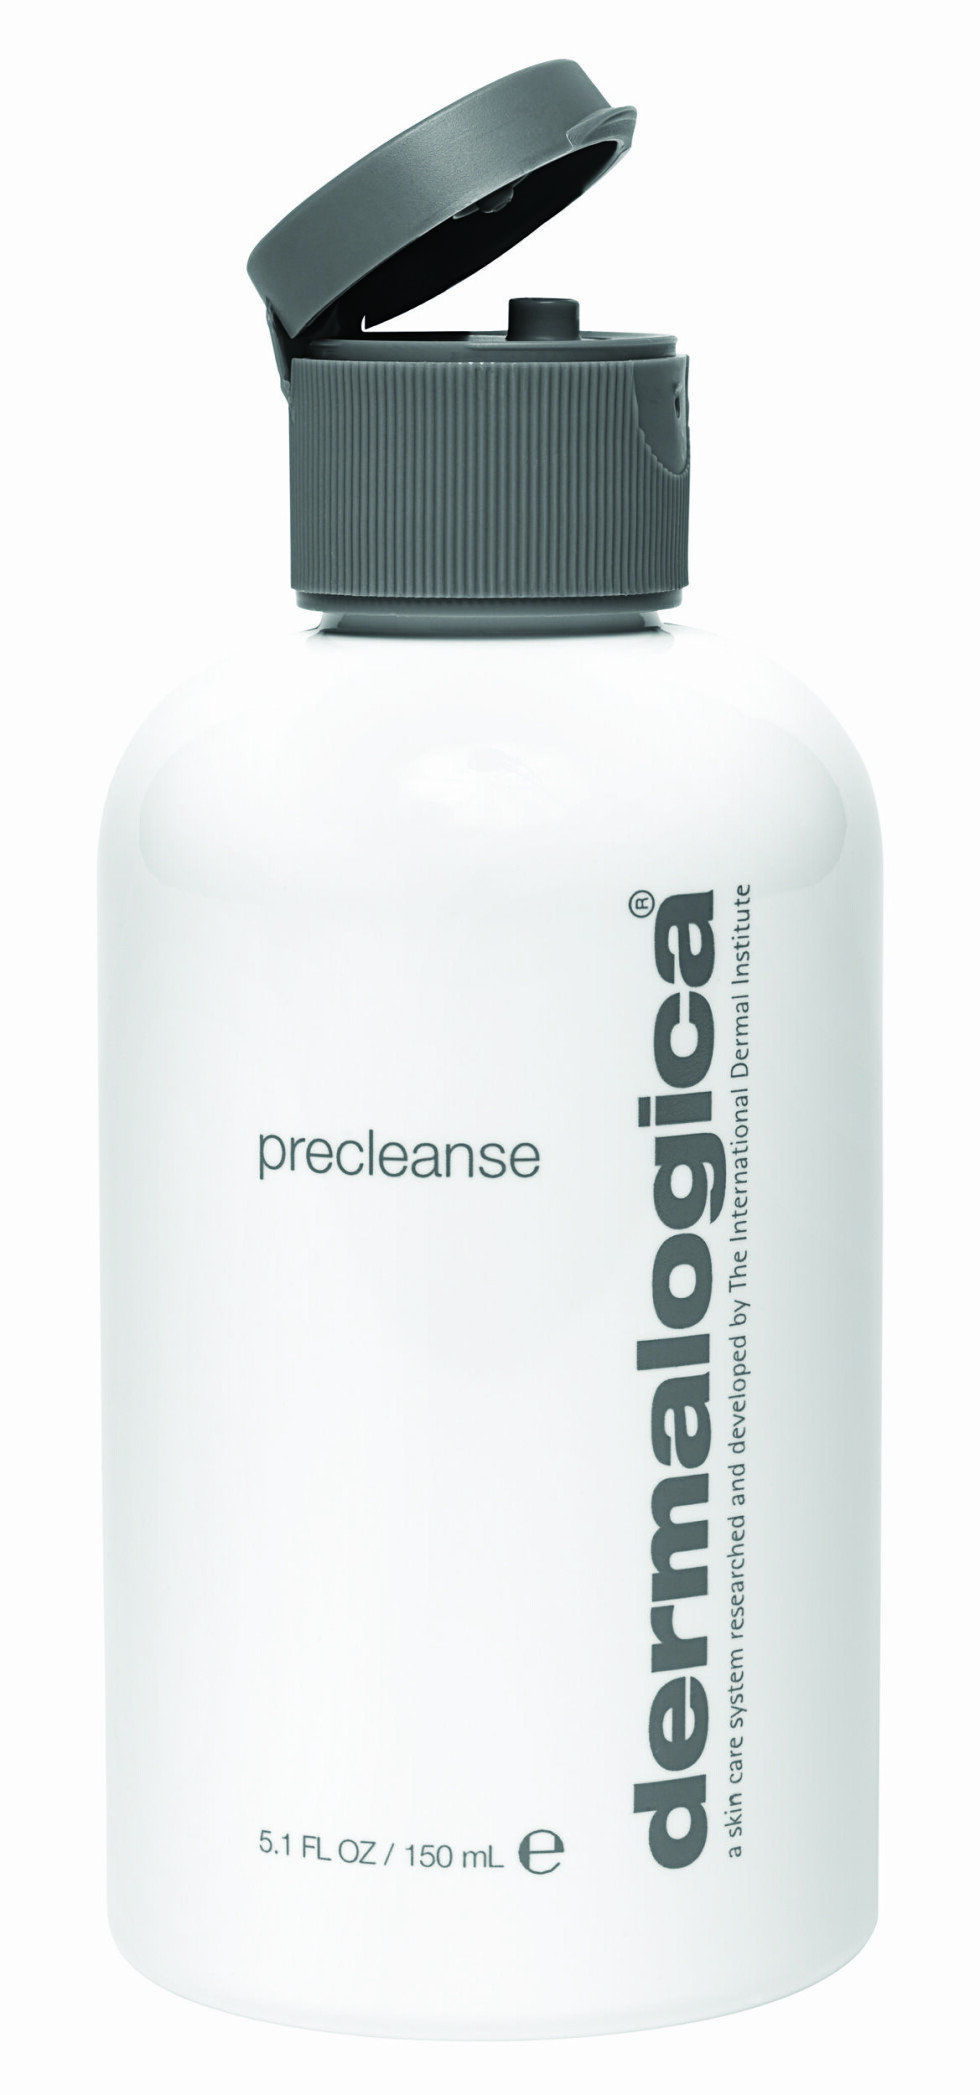 Pre-Cleanse fra Dermalogica er en rensende olje som løser opp vannfast sminke, talg og smuss som samler seg på huden i løpet av dagen. Bruk denne oljen som en førsterens før du bruker ditt andre renseprodukt tilpasset din hudtype. Passer for alle hudtyper, kr 415.  Foto: Produsenten